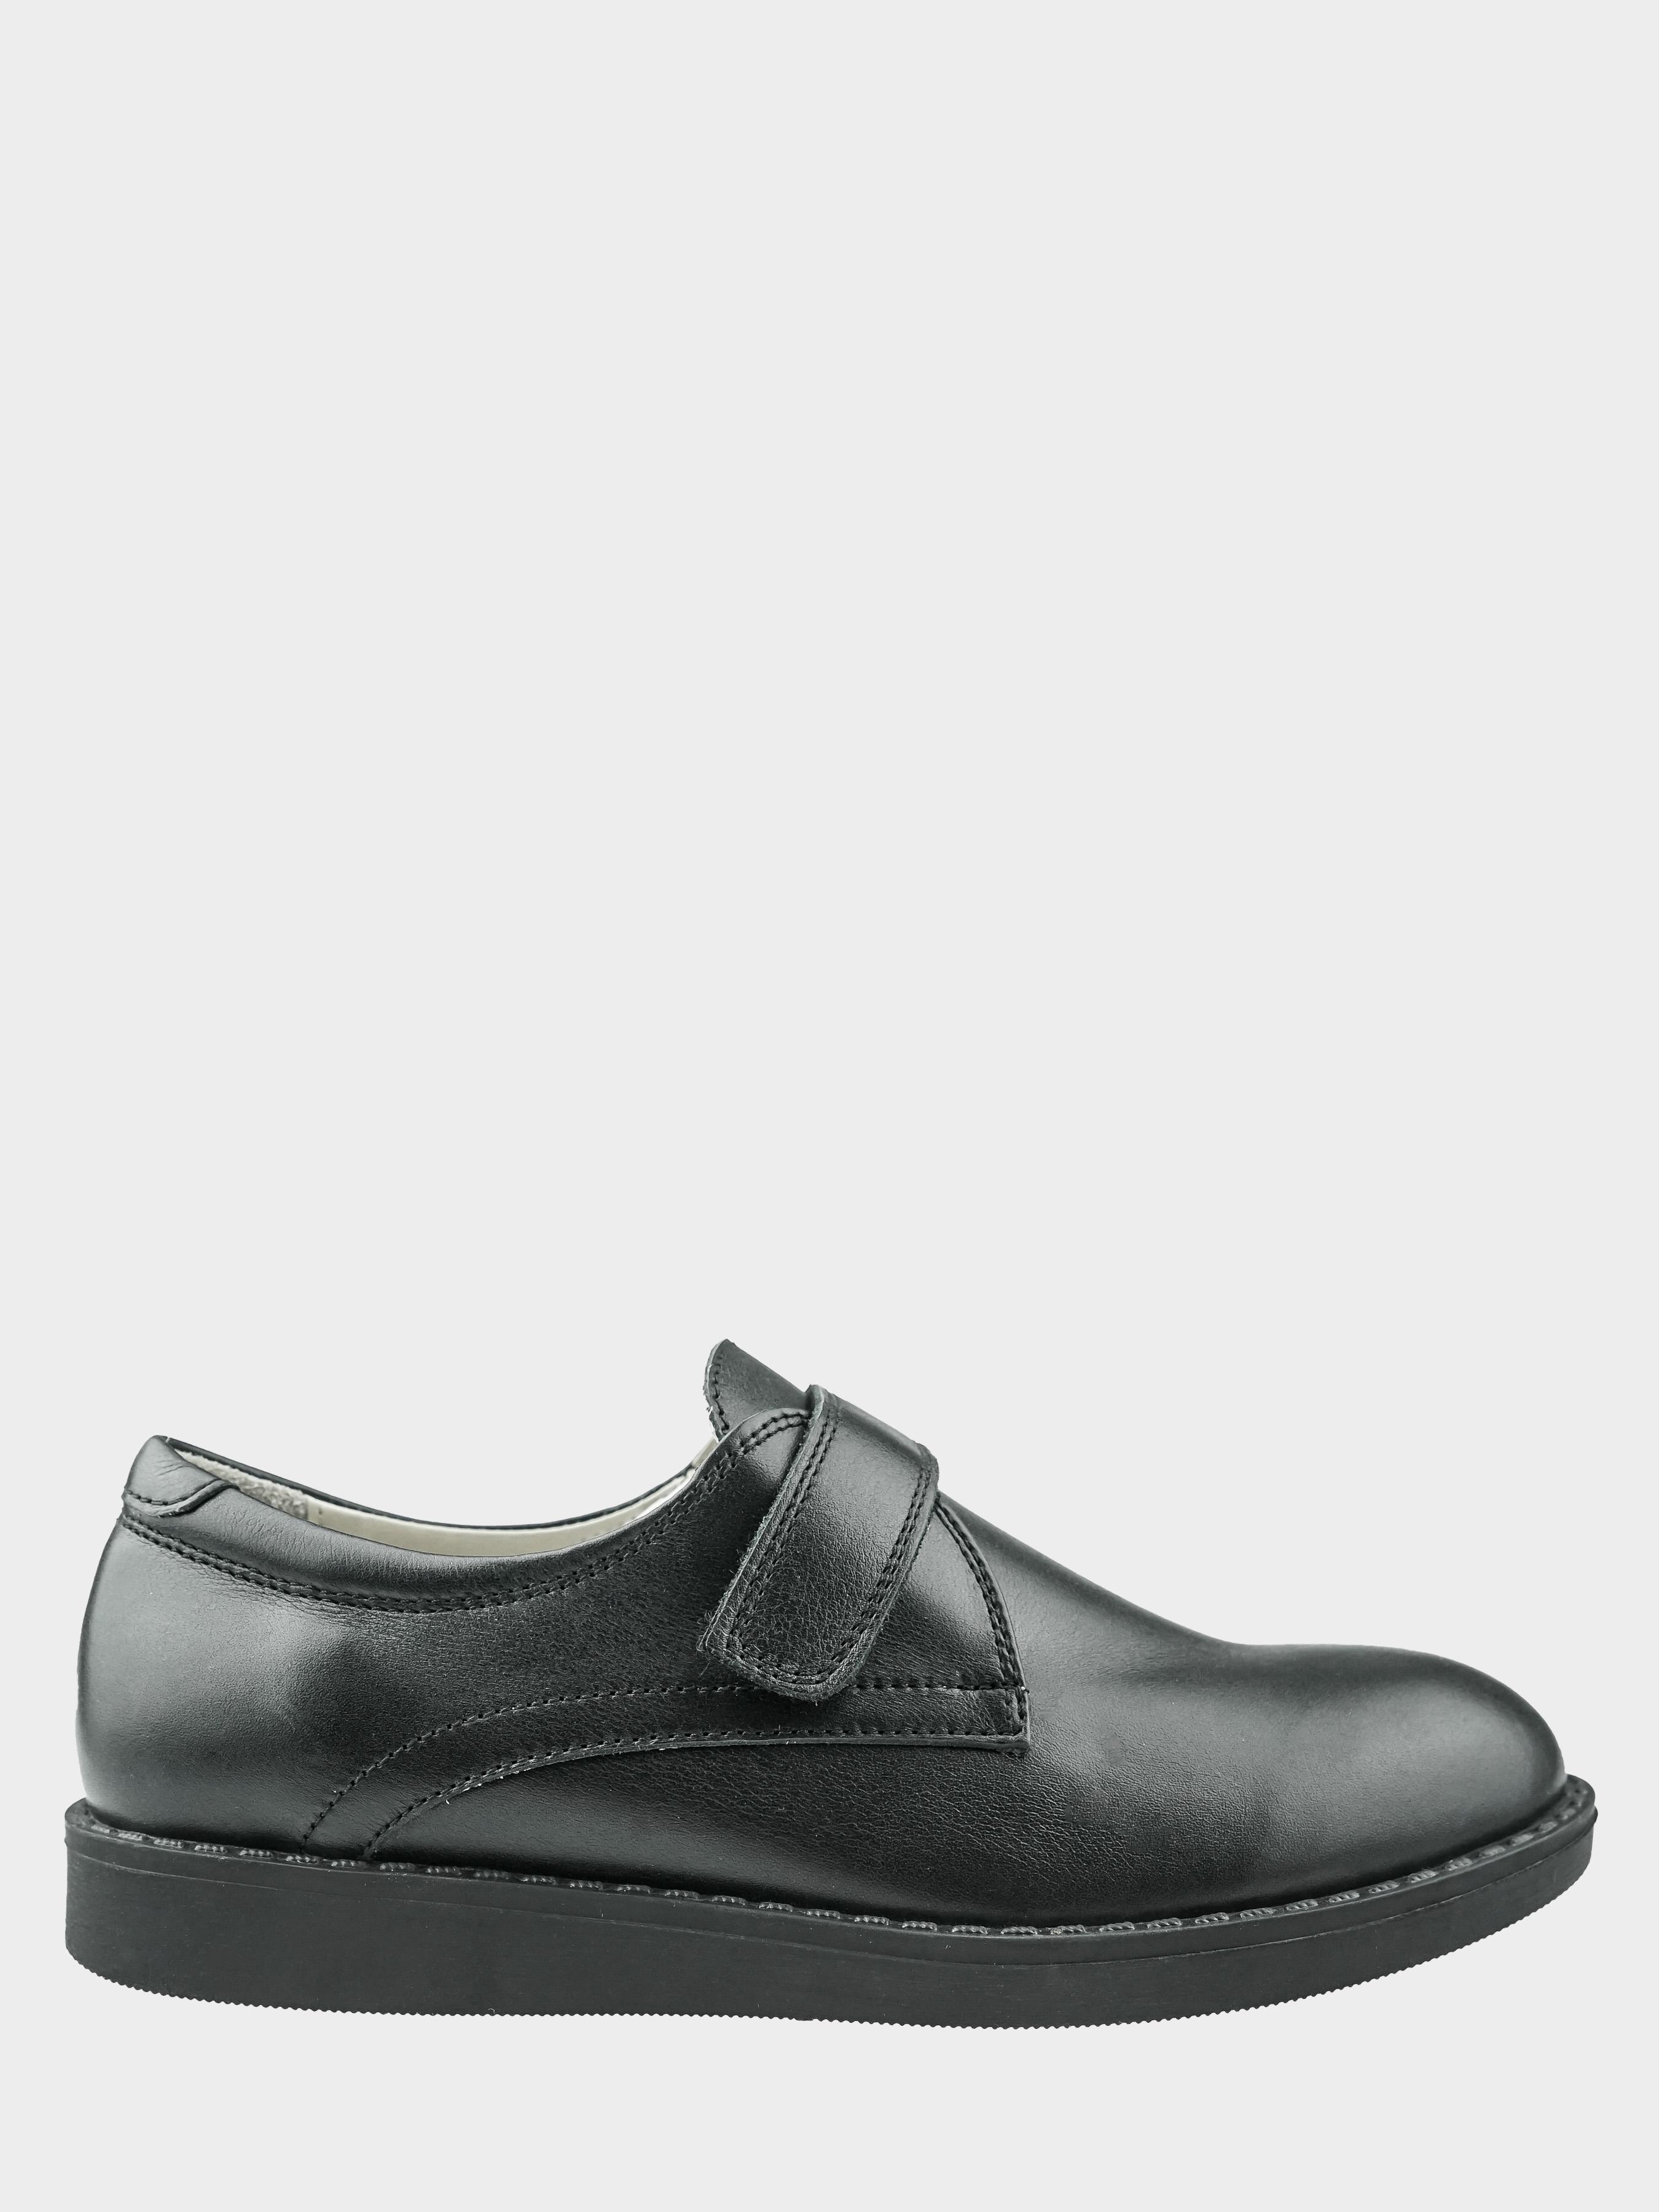 Купить Туфли детские Туфли для мальчиков SE-328-249, 11 shoes, Черный